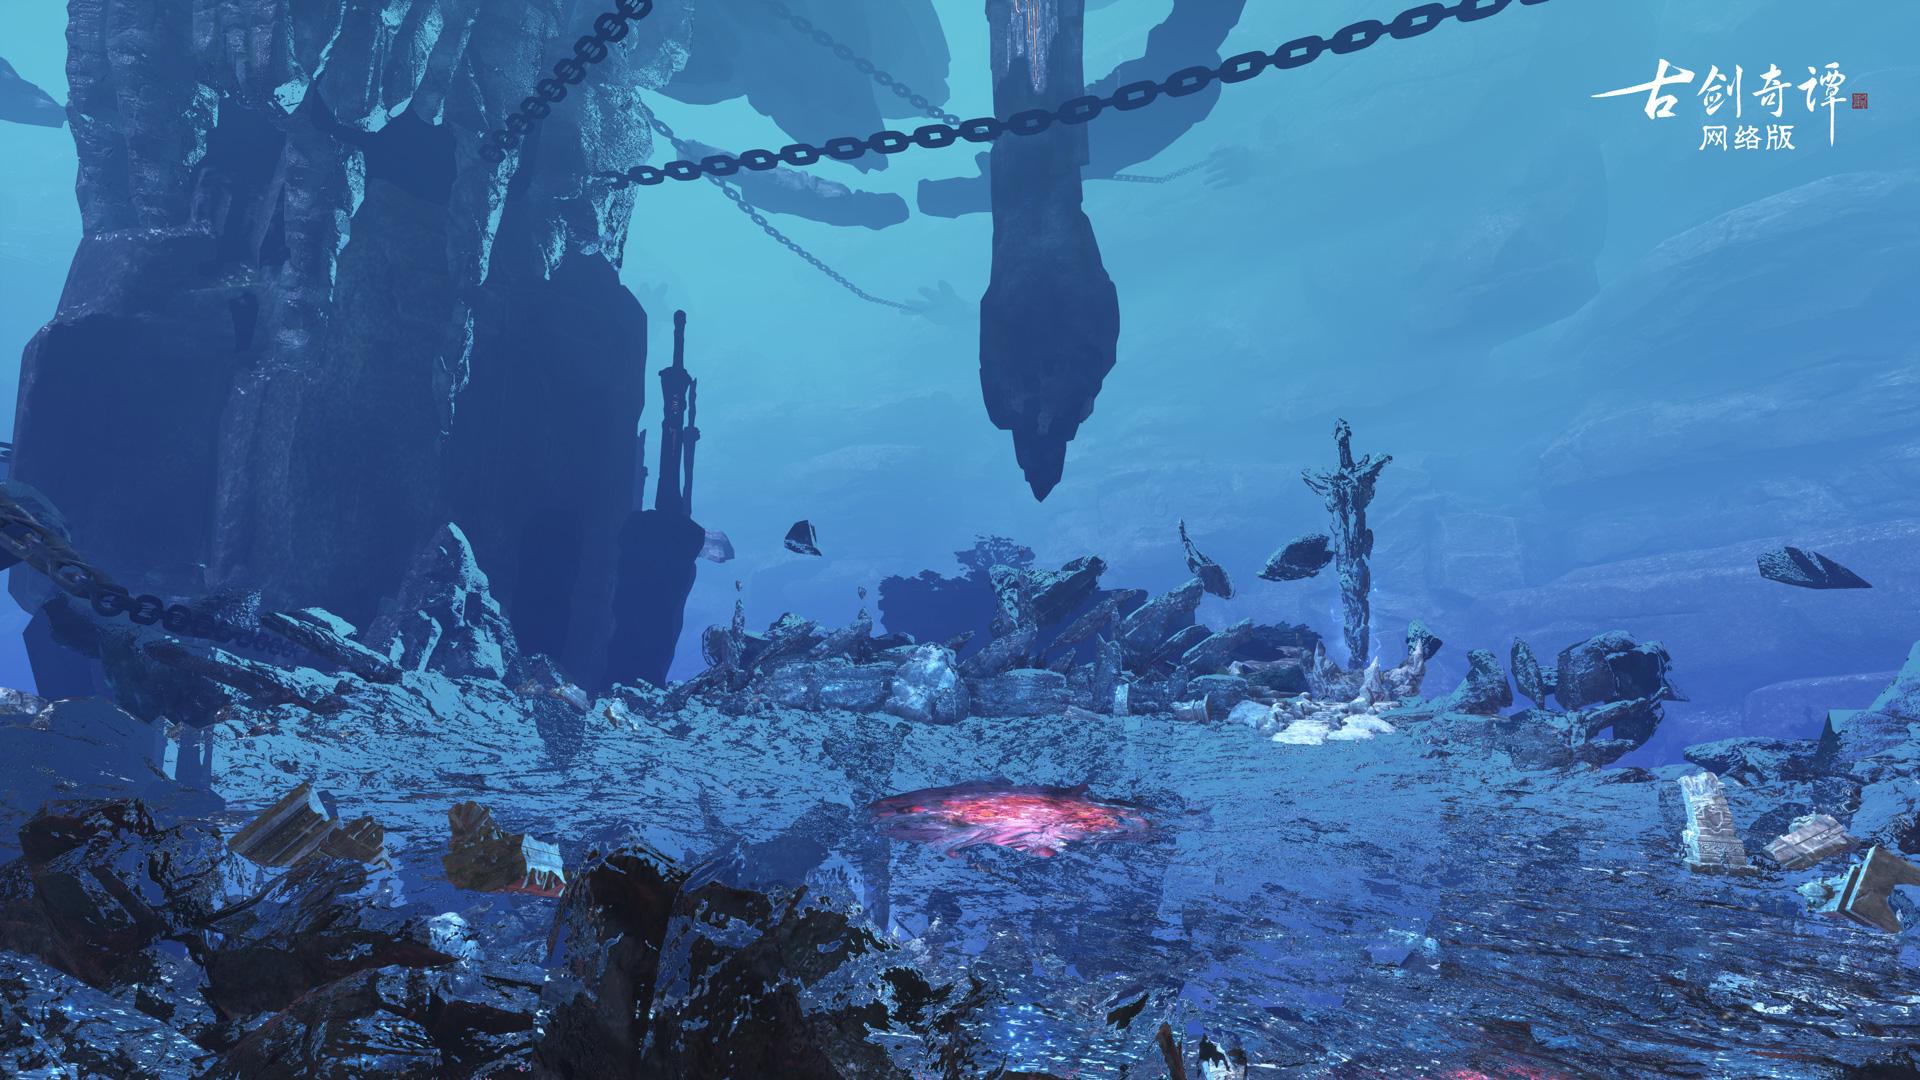 《古剑奇谭OL》全新副本太华秘境正式上线